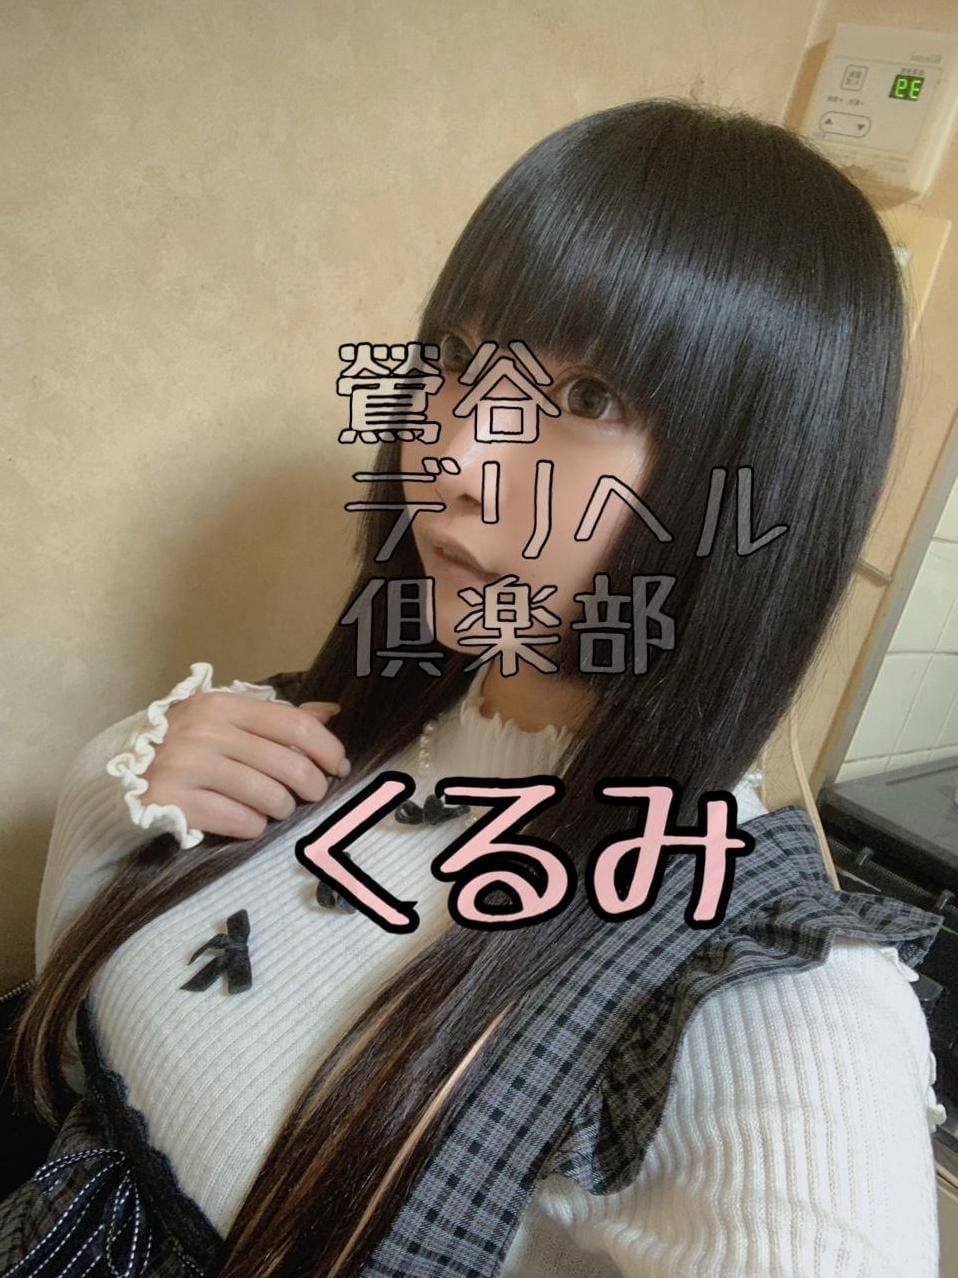 「水曜日?」03/01(03/01) 14:52 | くるみの写メ・風俗動画